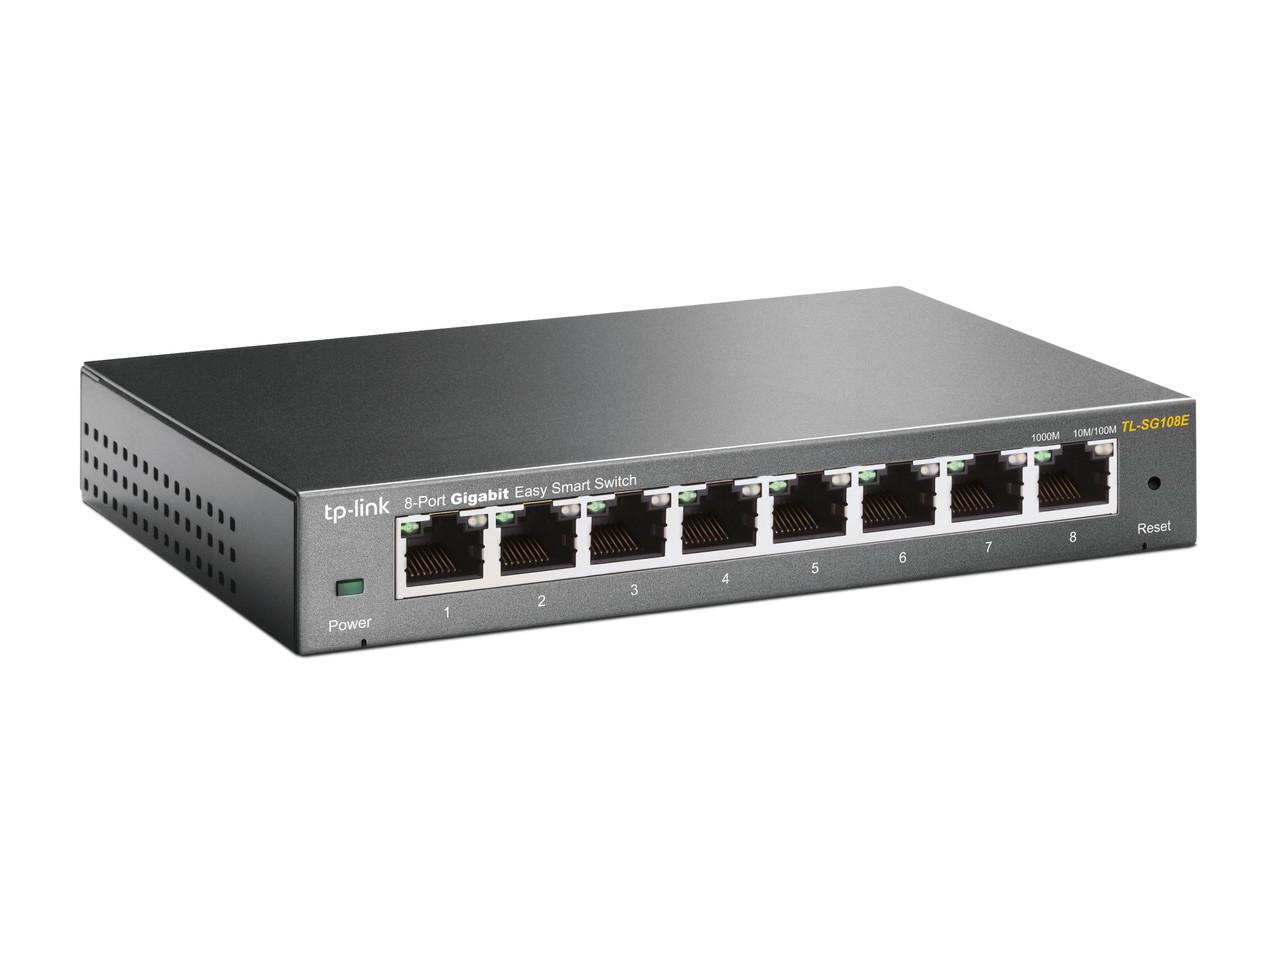 TP-LINK TL-SG108E Easy Smart гигабитный 8-портовый коммутатор